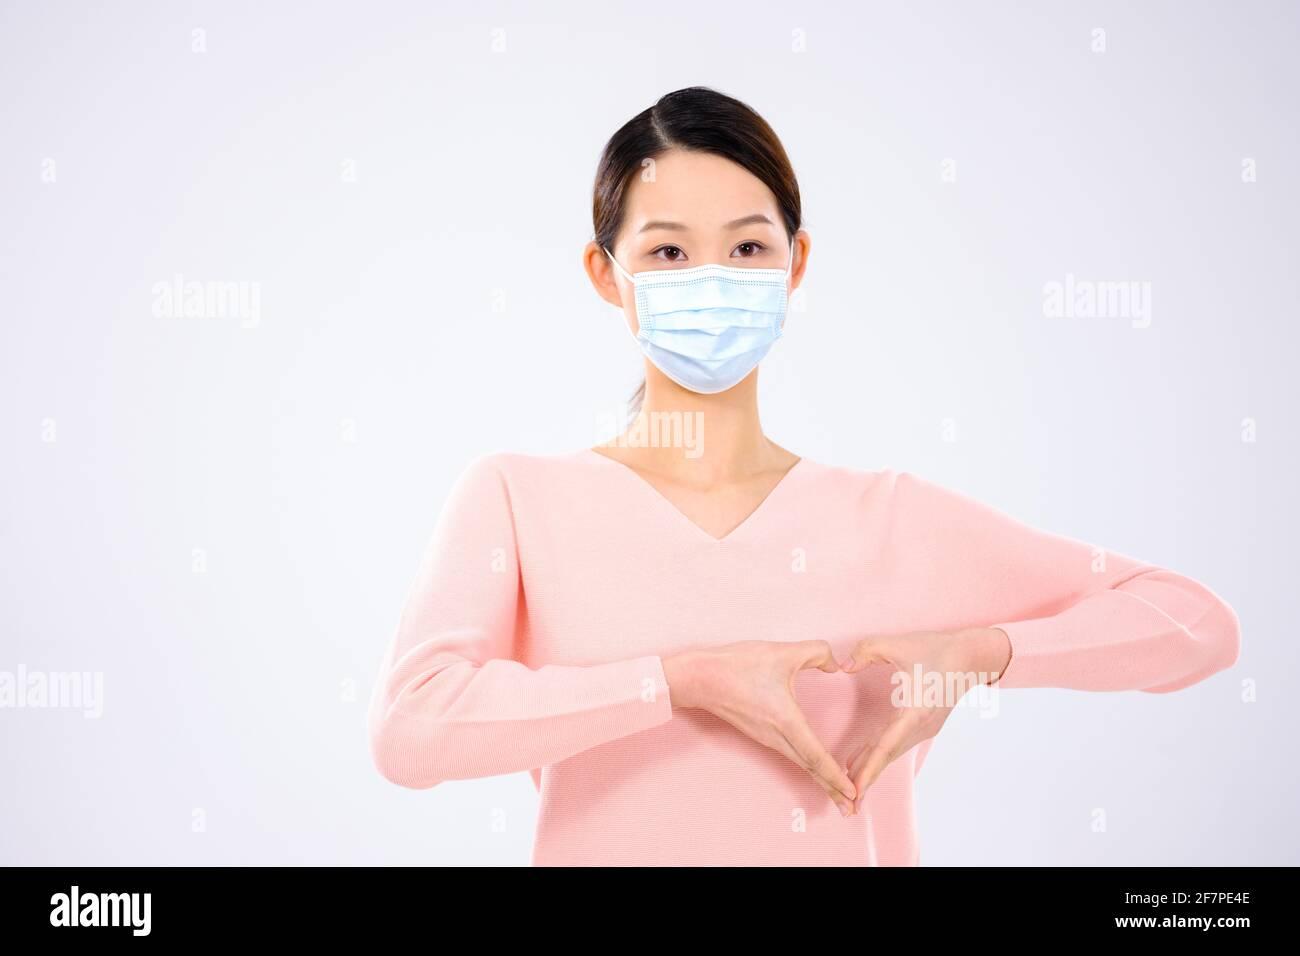 Une jeune femme portant un masque vue de face Banque D'Images